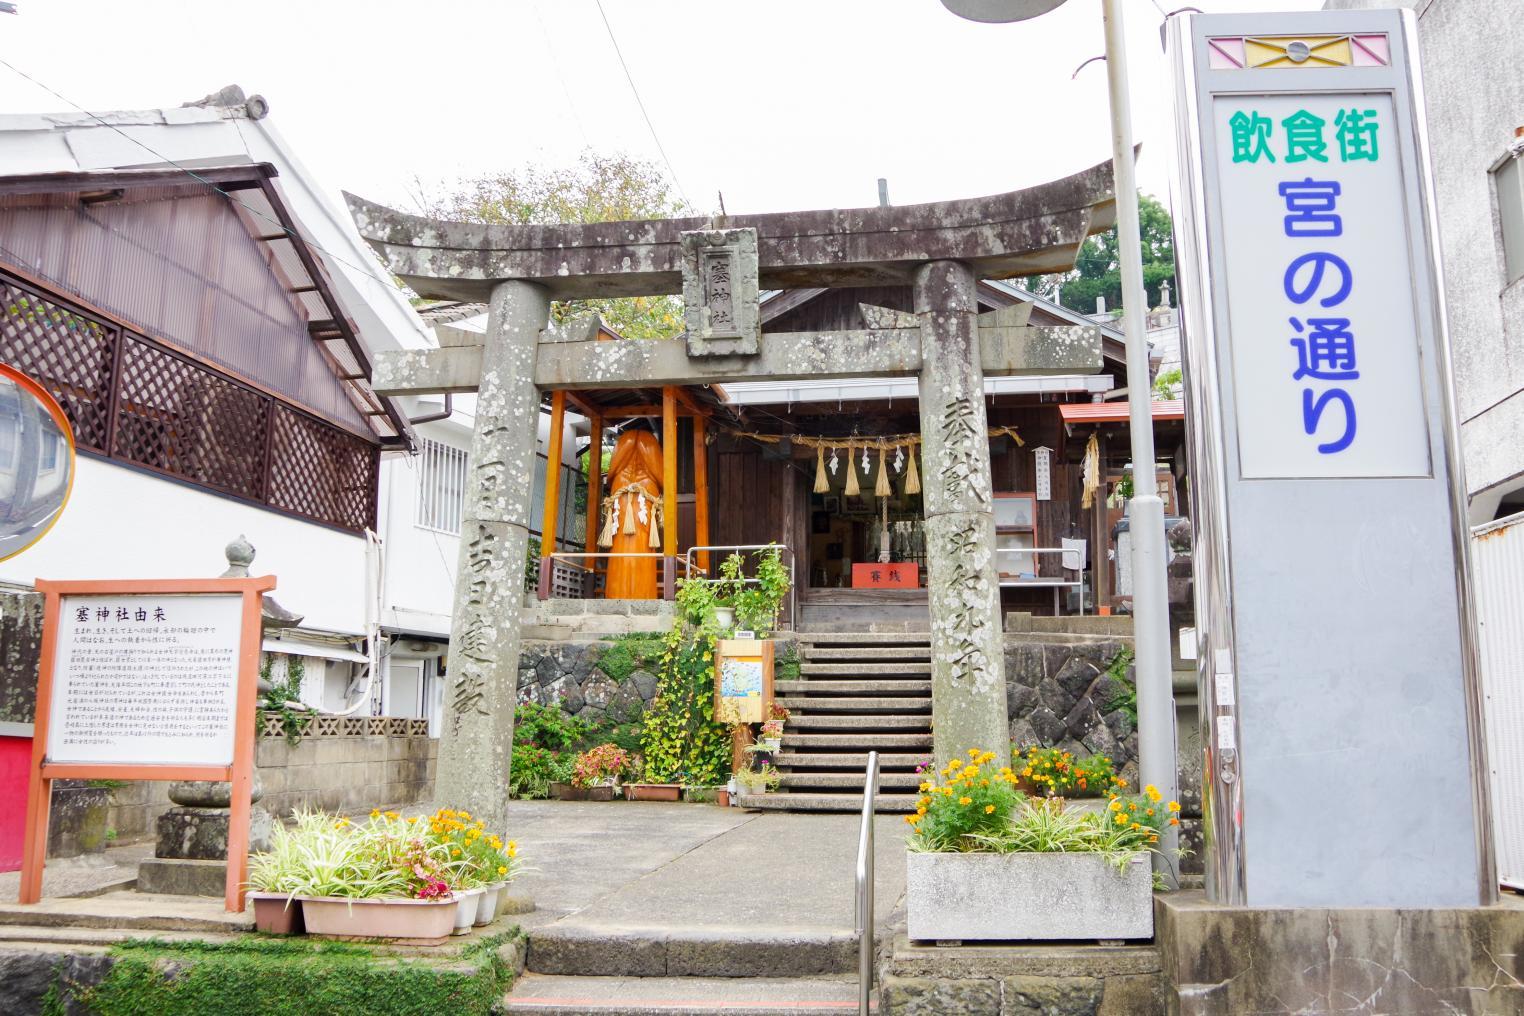 巨大なシンボルが目をひく和合の神様「塞神社」-0